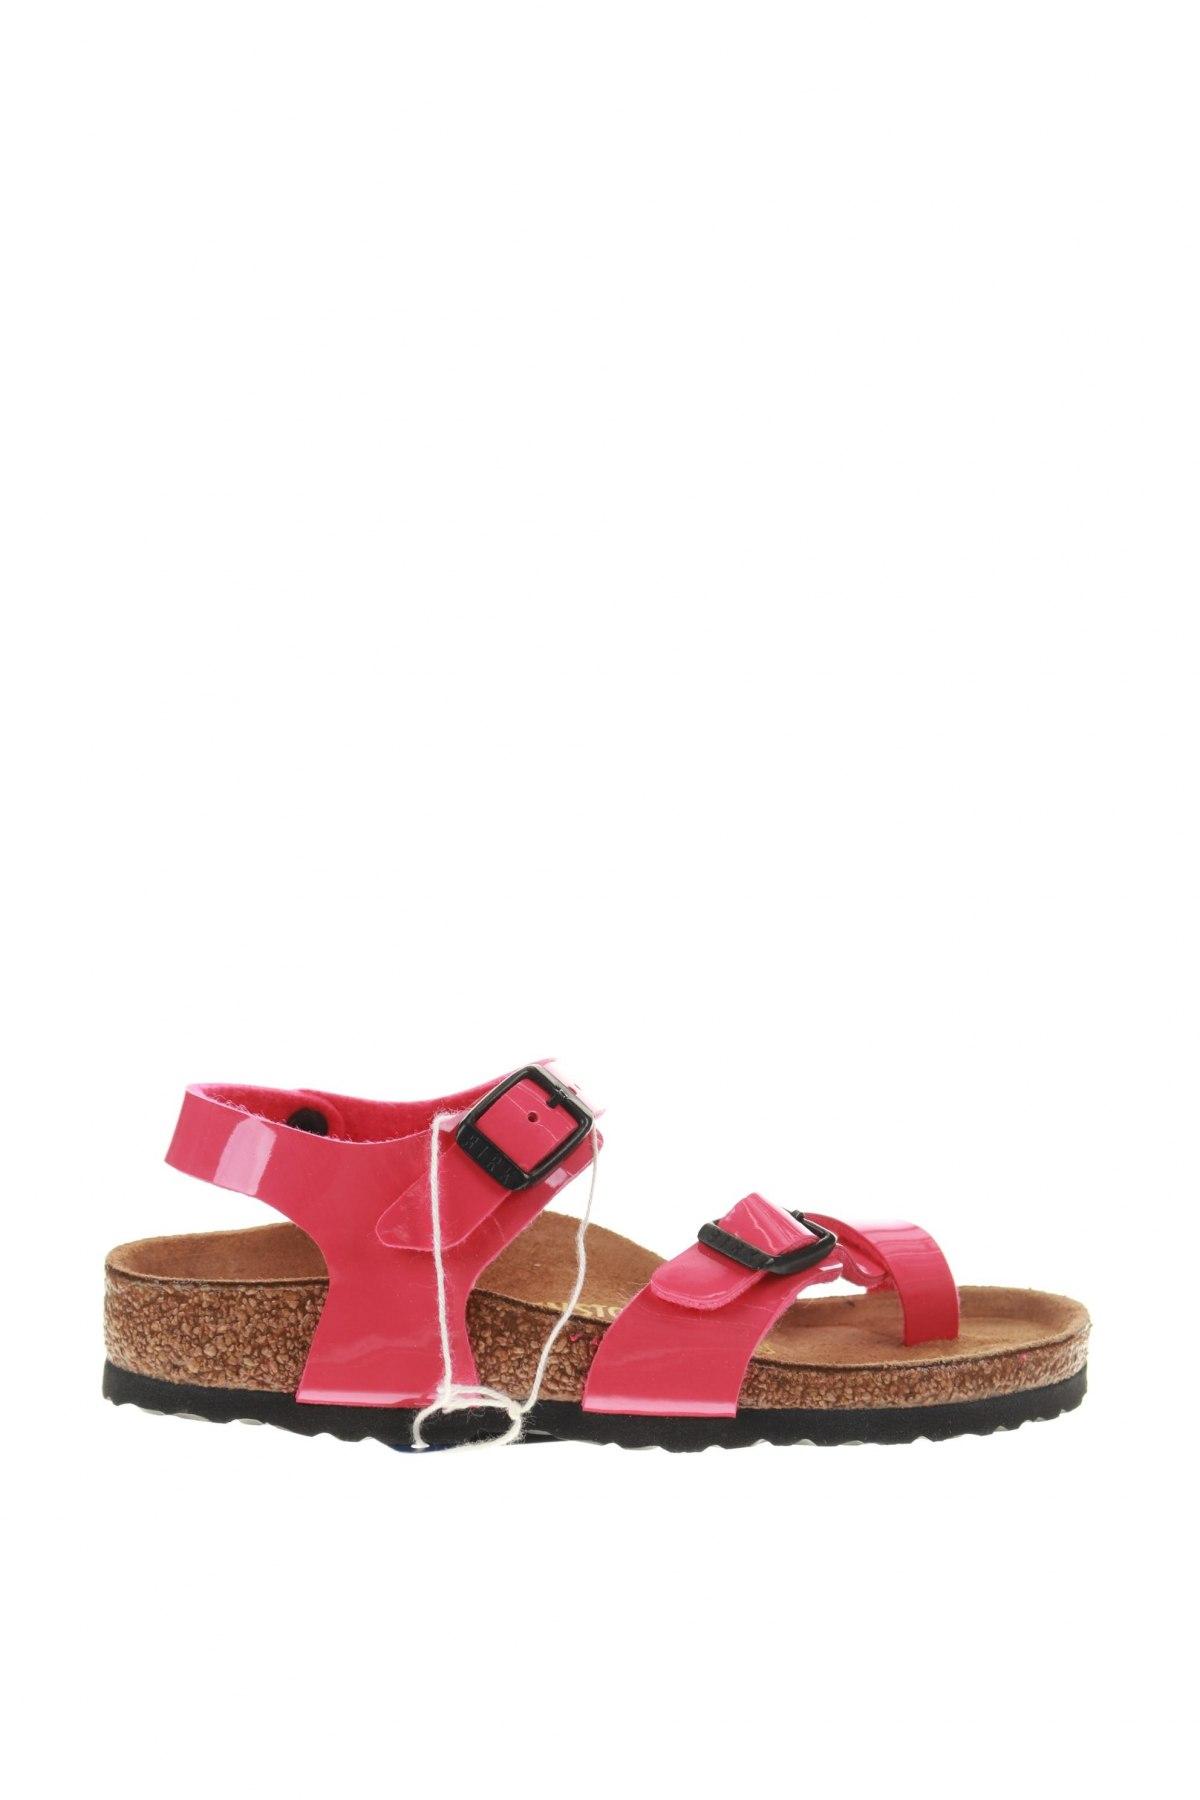 Σανδάλια Birkenstock, Μέγεθος 28, Χρώμα Ρόζ , Δερματίνη, Τιμή 25,52€